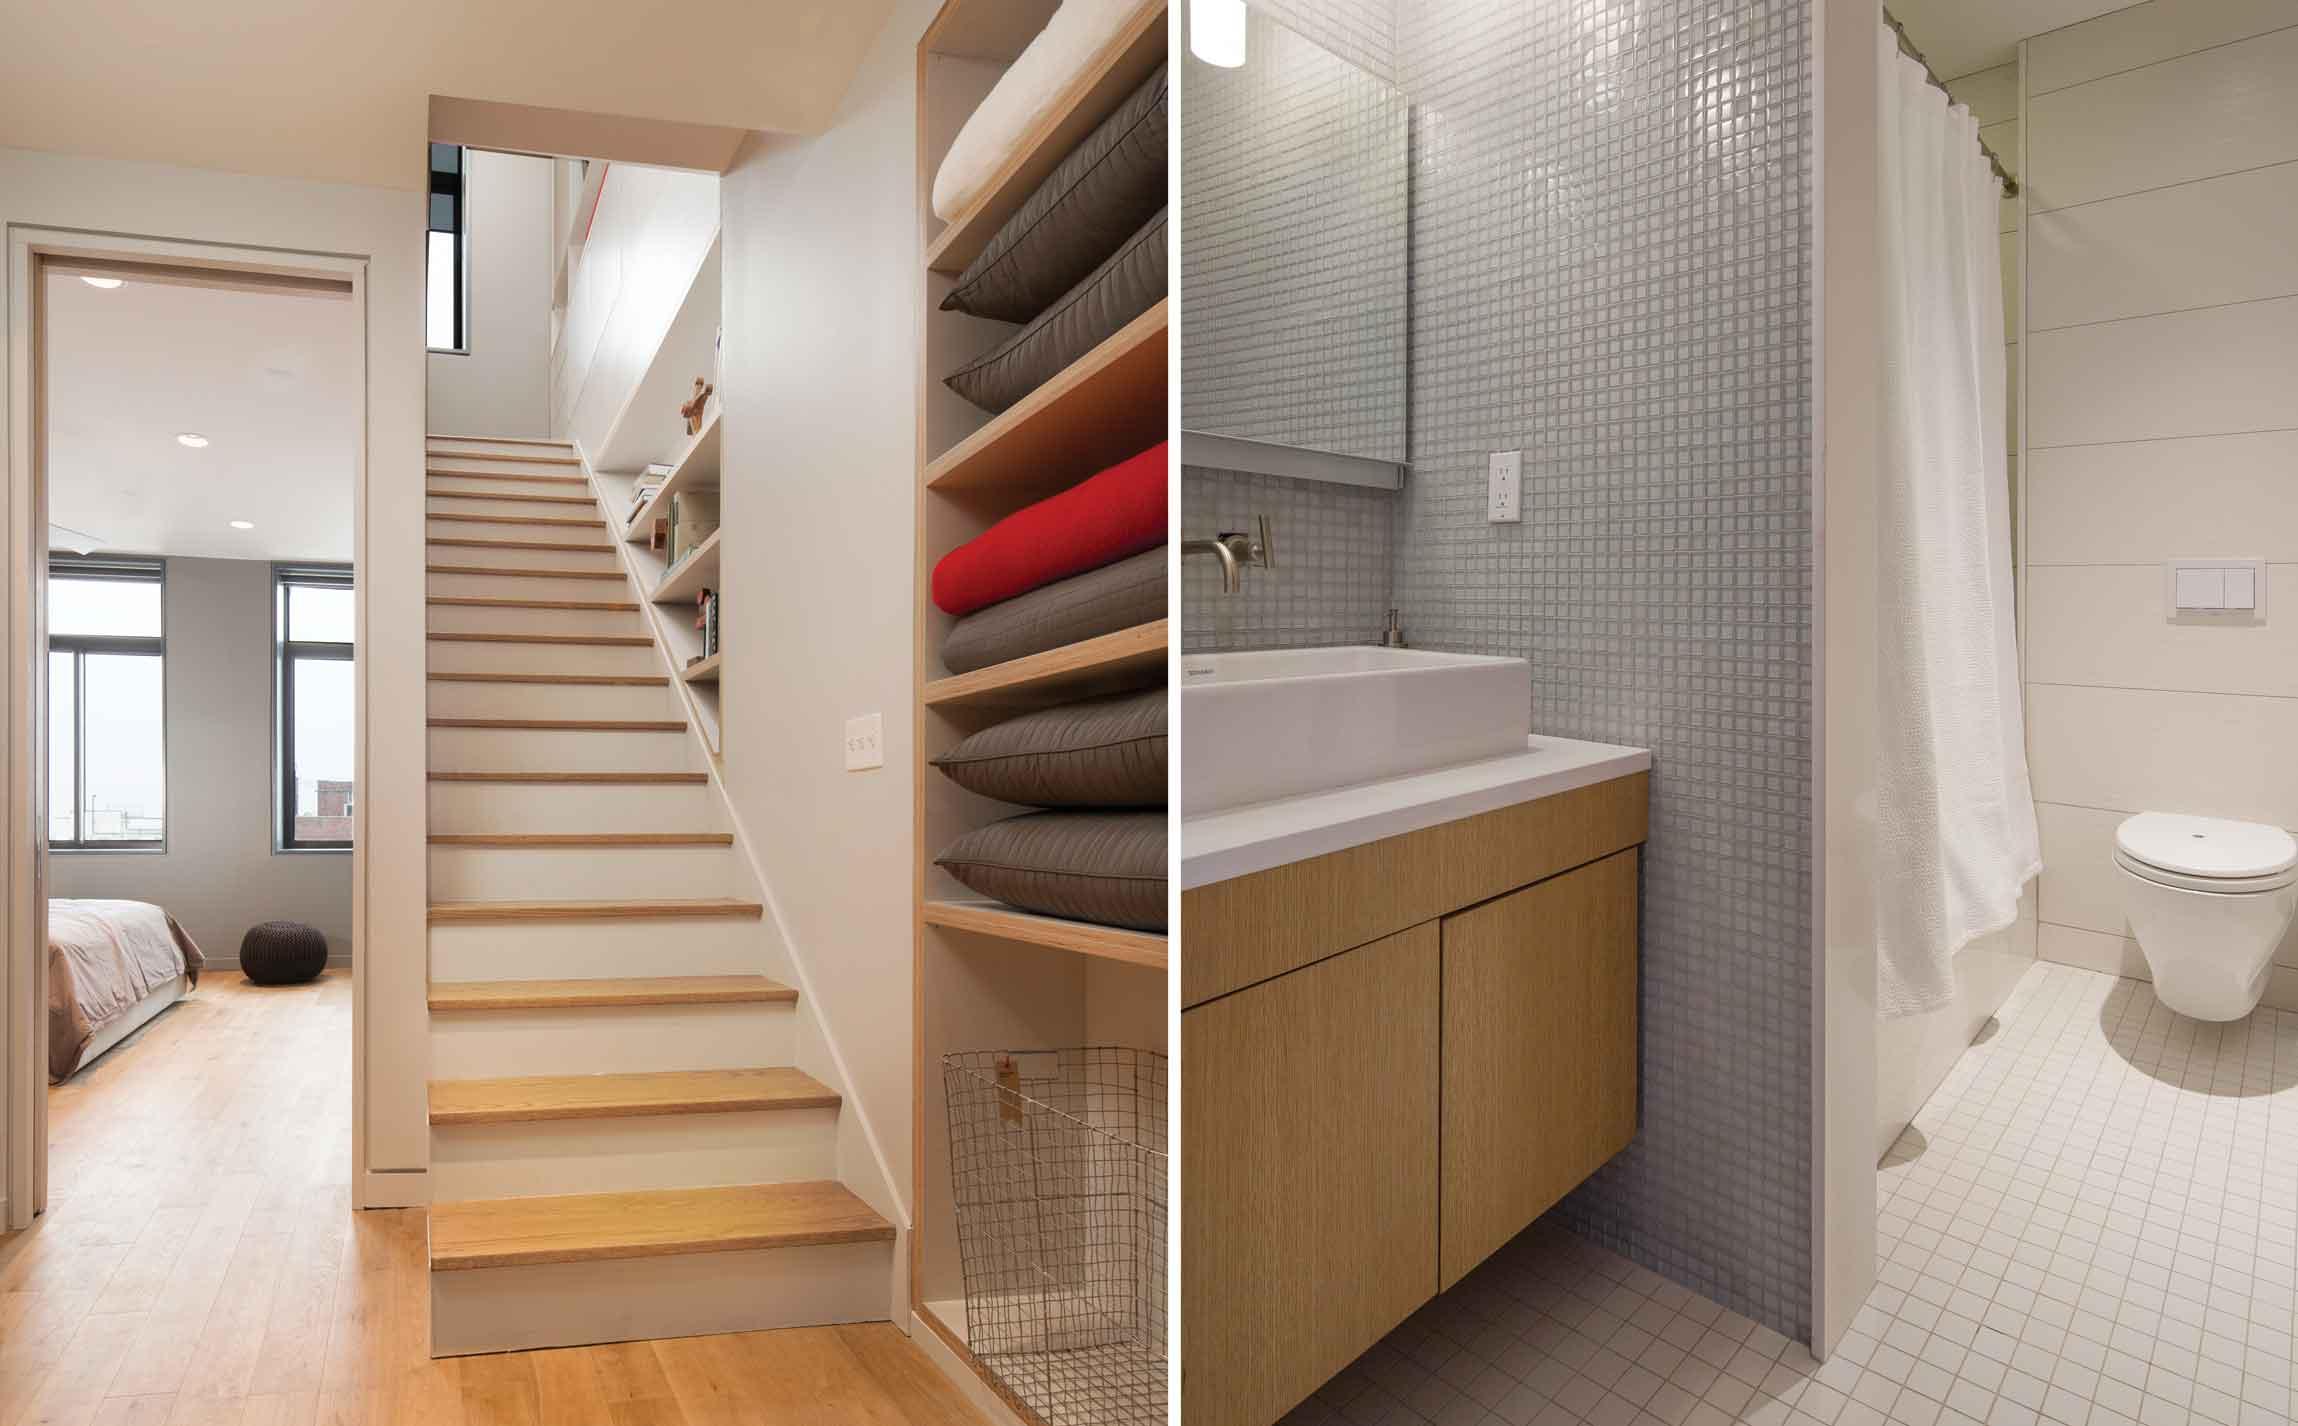 bathroom_stairs_split_web.jpg